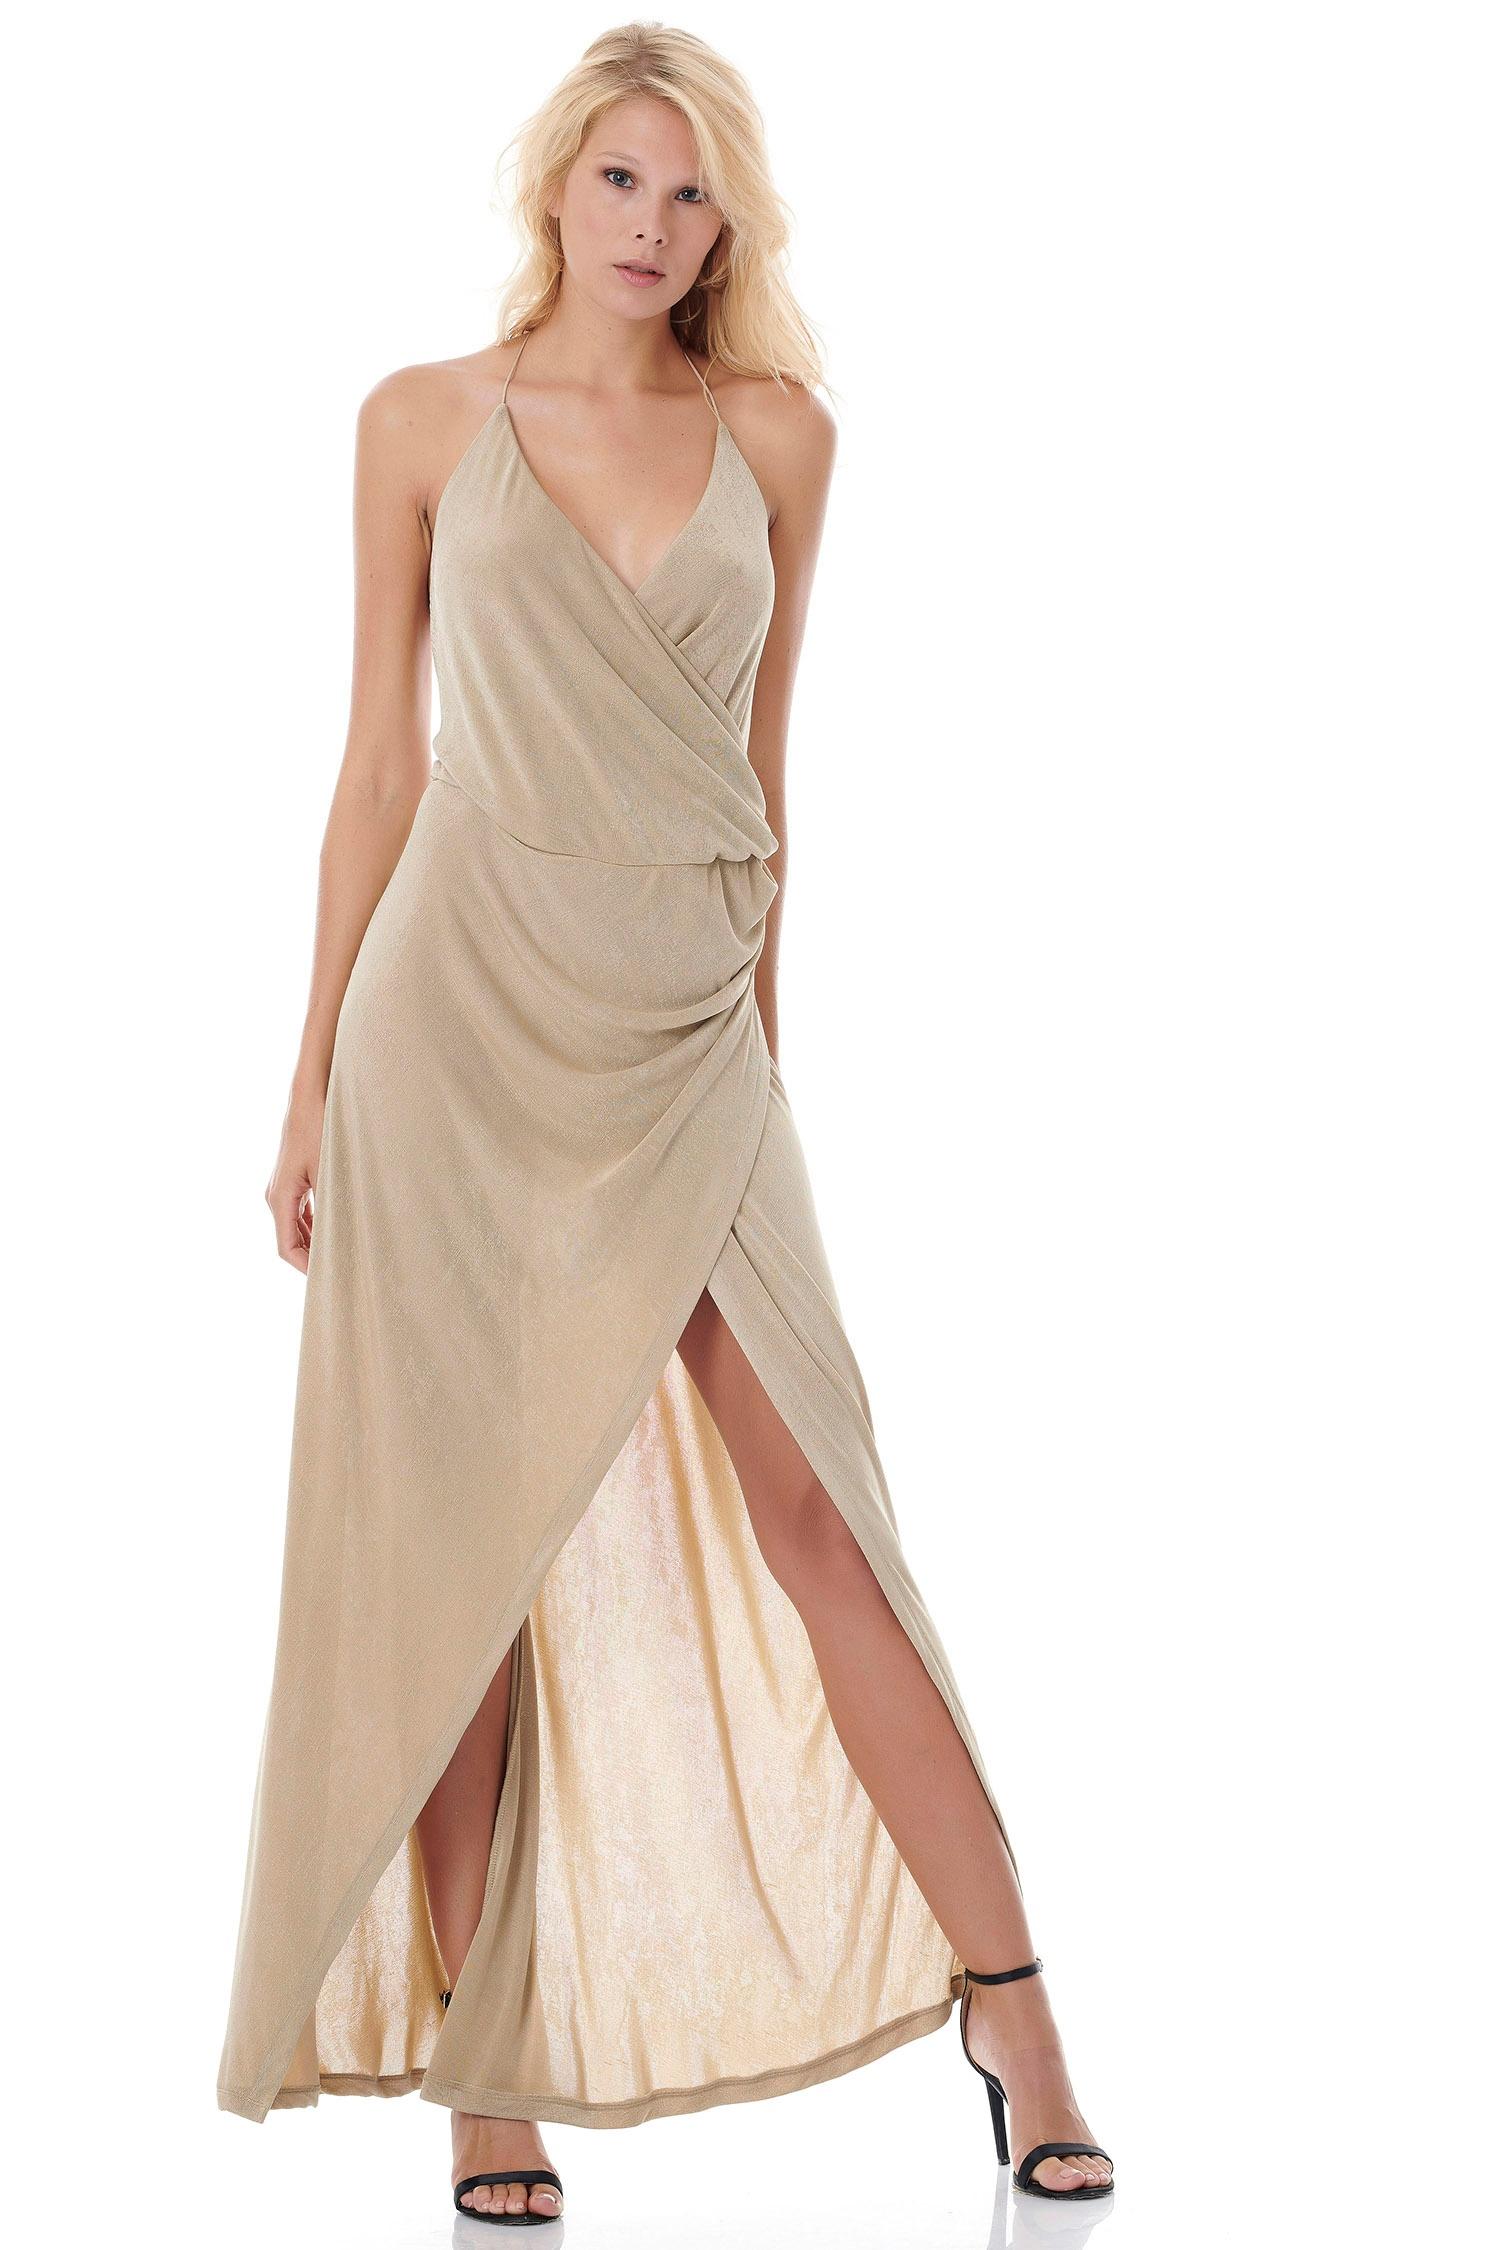 Μάξι Εξώπλατο Wrap Φόρεμα ONLINE - ONLINE - SS18ON-52494 glam occassions wedding shop